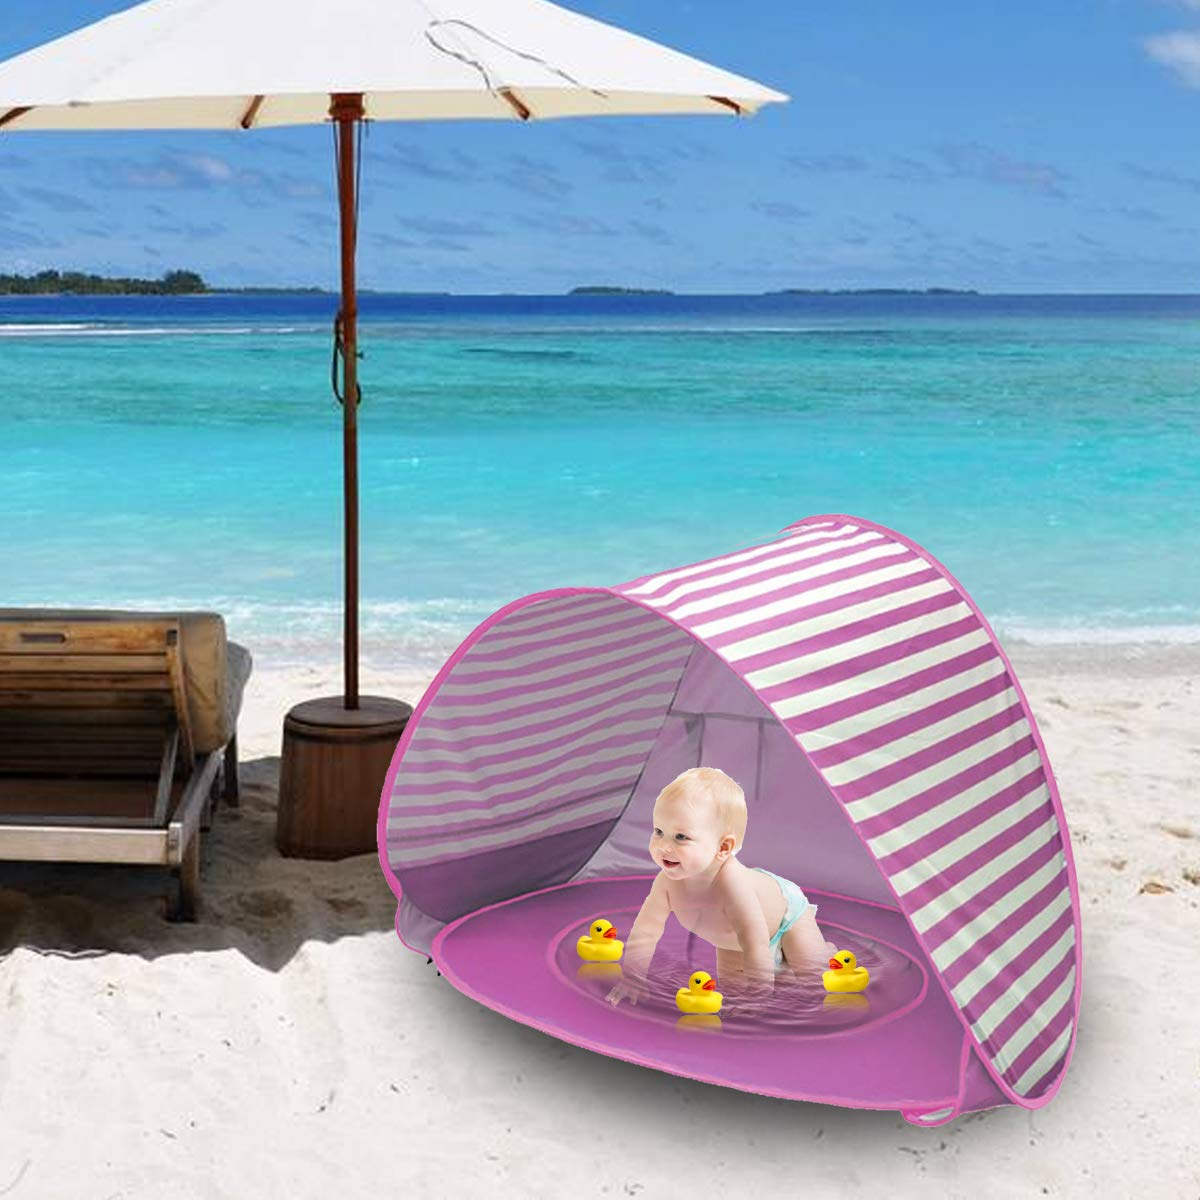 Baby Strandzelt Pool,Pop Up Baby-Strandzelt Shade Pool Tent 50 UPF UV Protection Mit Geschenk-Wassertoys /& Tragetasche KiraKira Baby Strandzelt mit eingebautem Pool